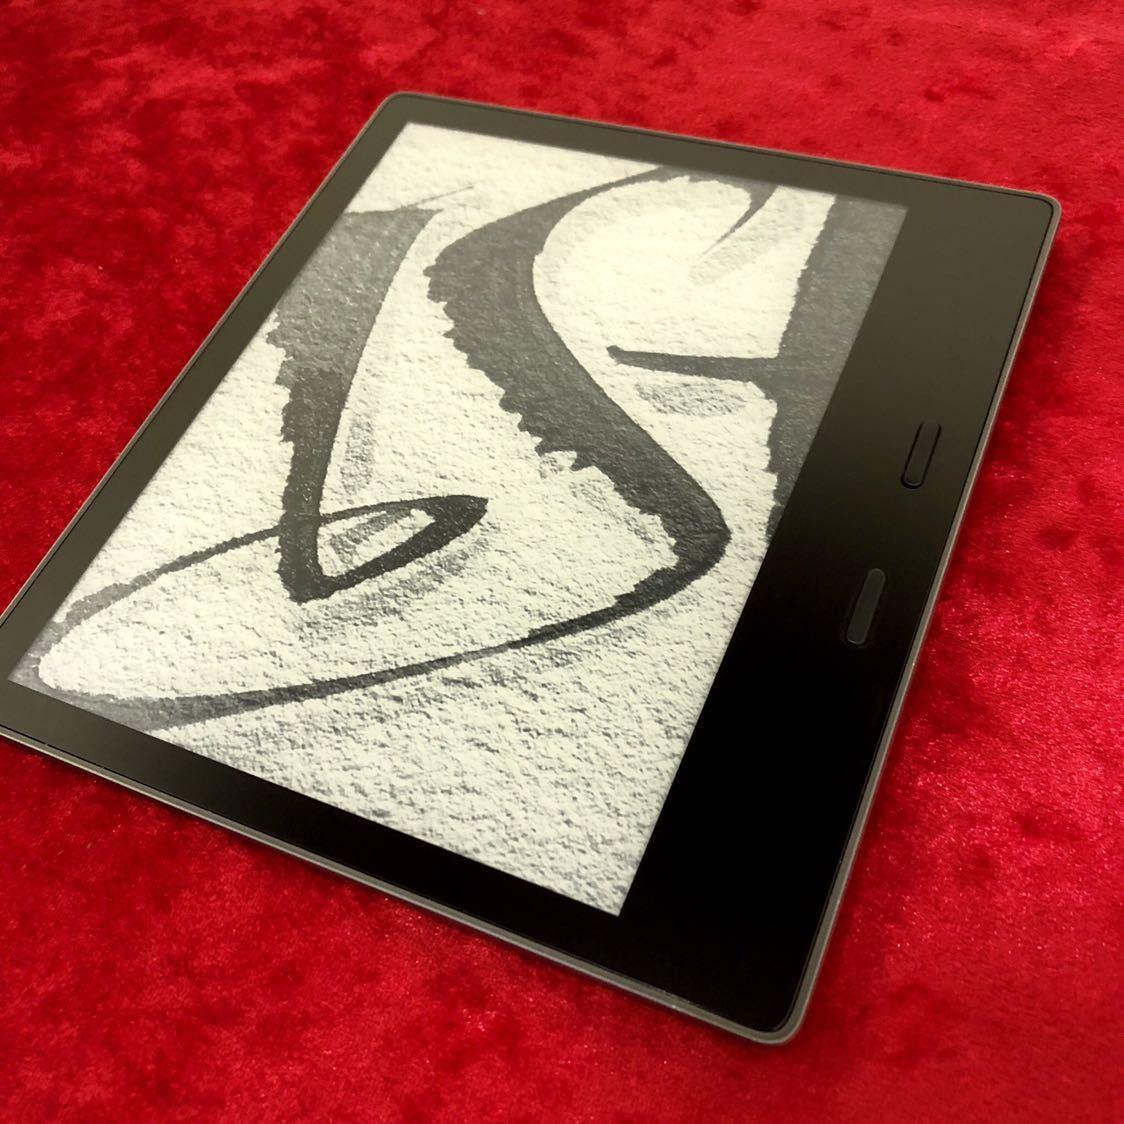 ★新品同様★Kindle Oasis 32GB WiFi(広告なし)防水機能搭載 電子書籍_画像2